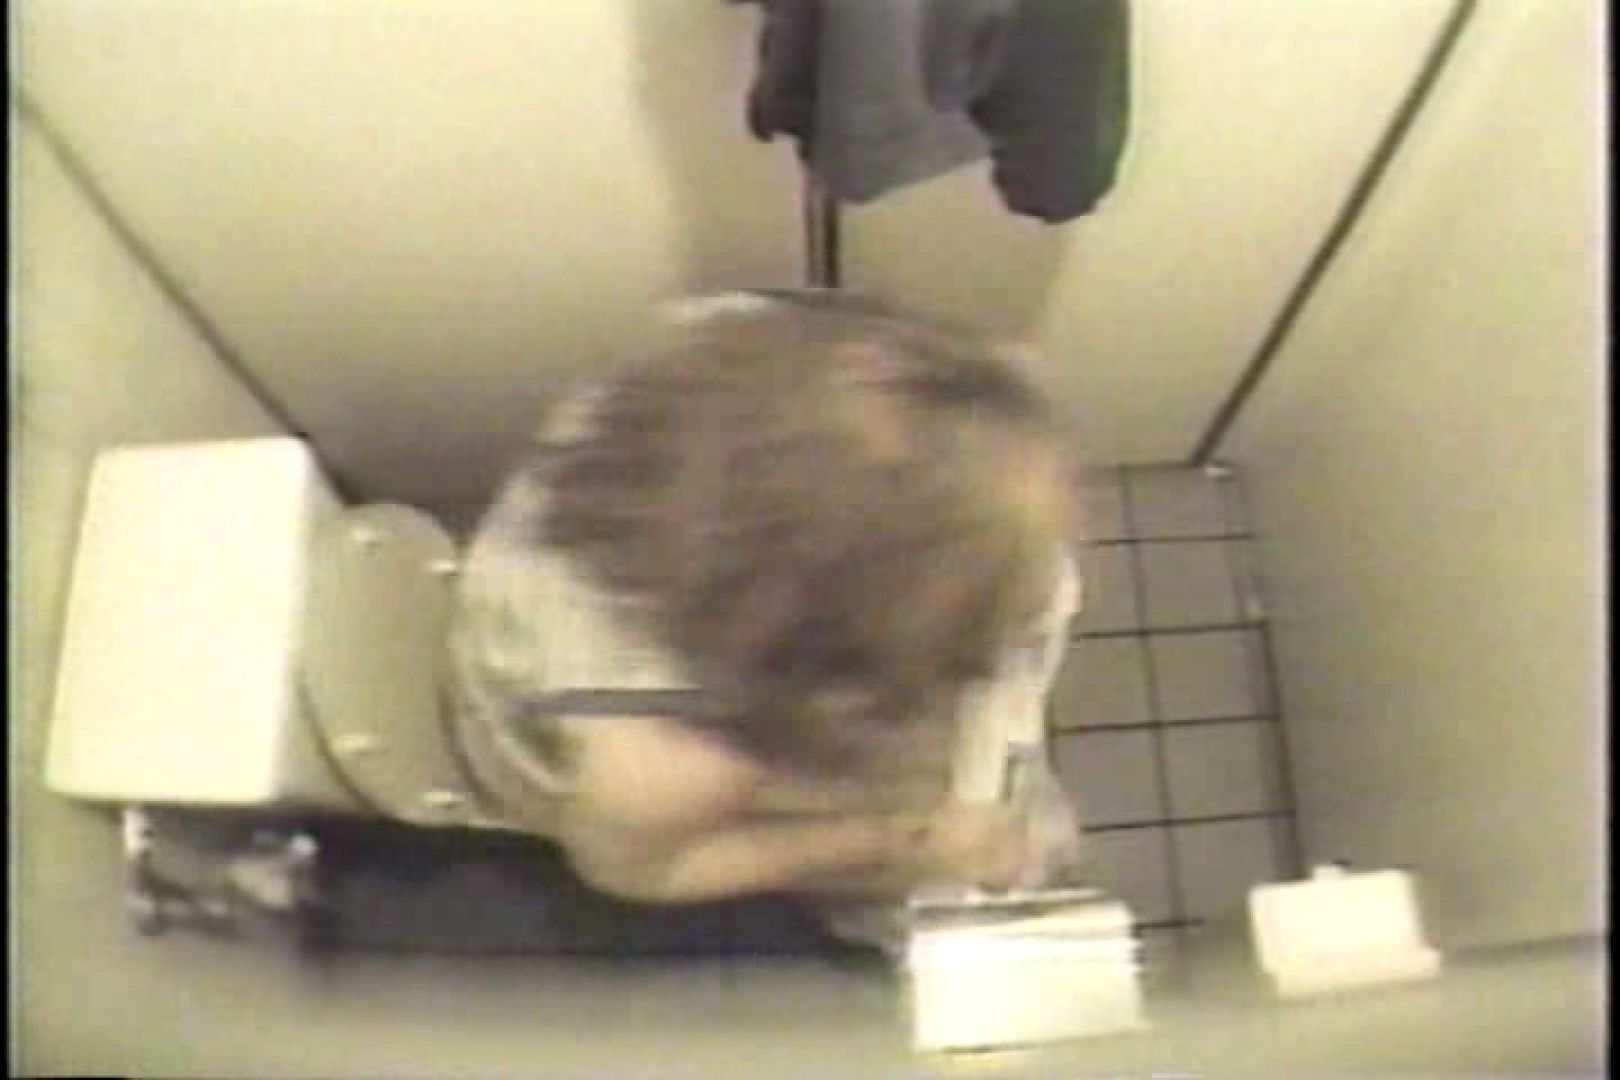 盗撮 女子洗面所3ヶ所入ってしゃがんで音出して 洗面所 オマンコ無修正動画無料 109連発 95